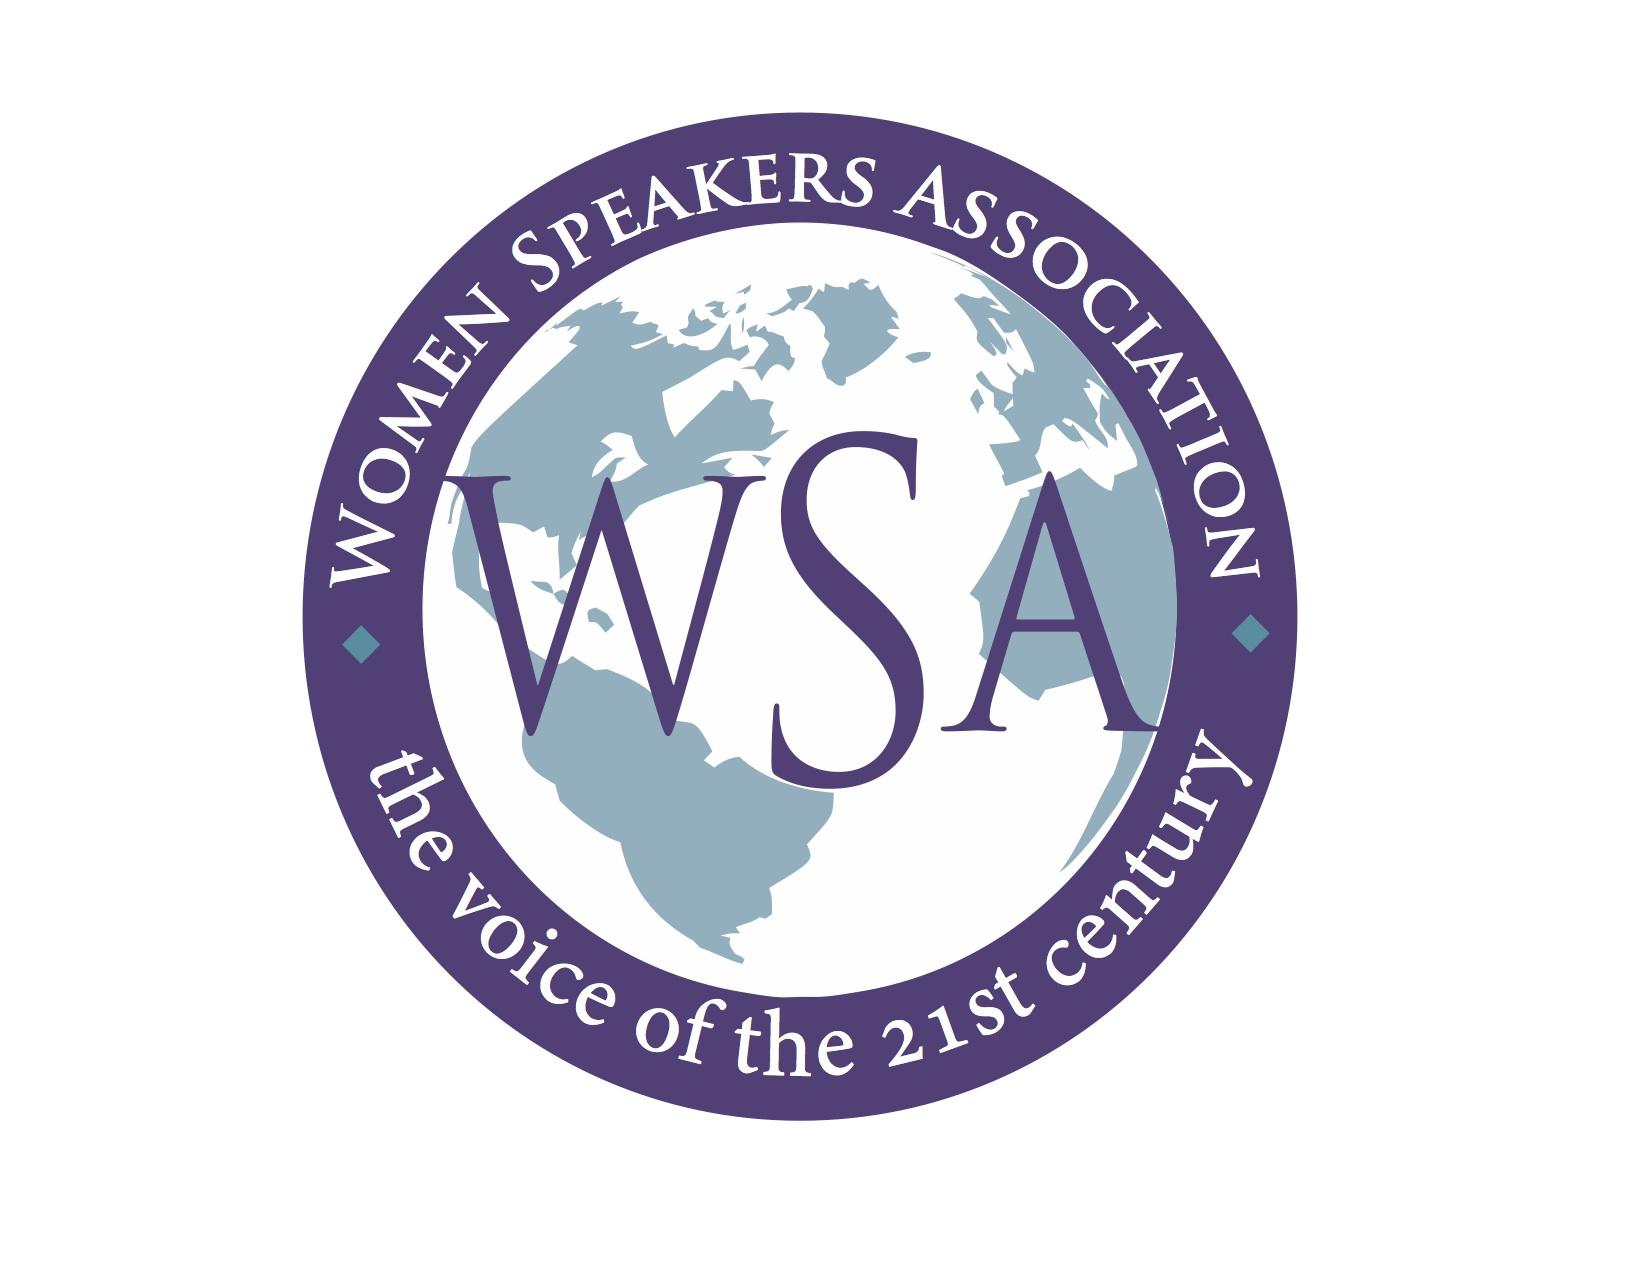 Women Speakers Association